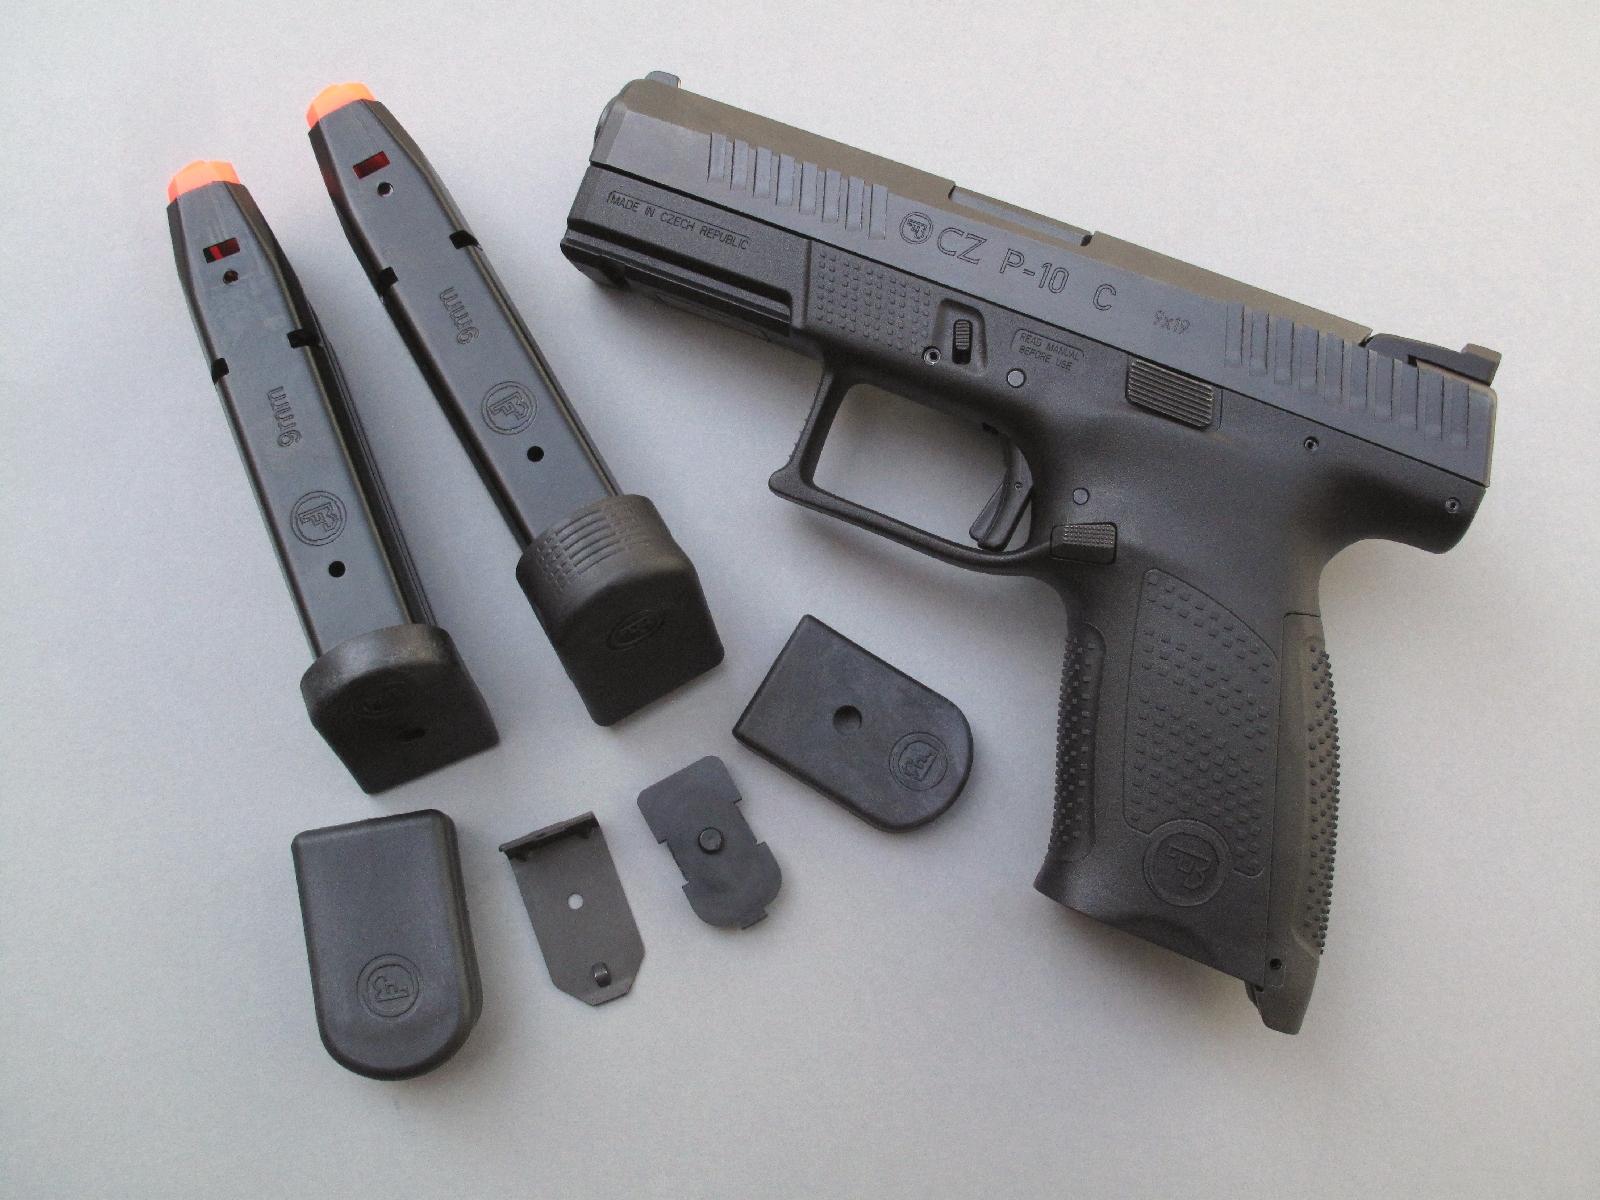 Les deux talons « +2 » qui sont livrés avec l'arme peuvent être utilisés, au gré de chaque utilisateur, pour accroître la capacité des chargeurs et éventuellement améliorer la prise en main de la poignée.